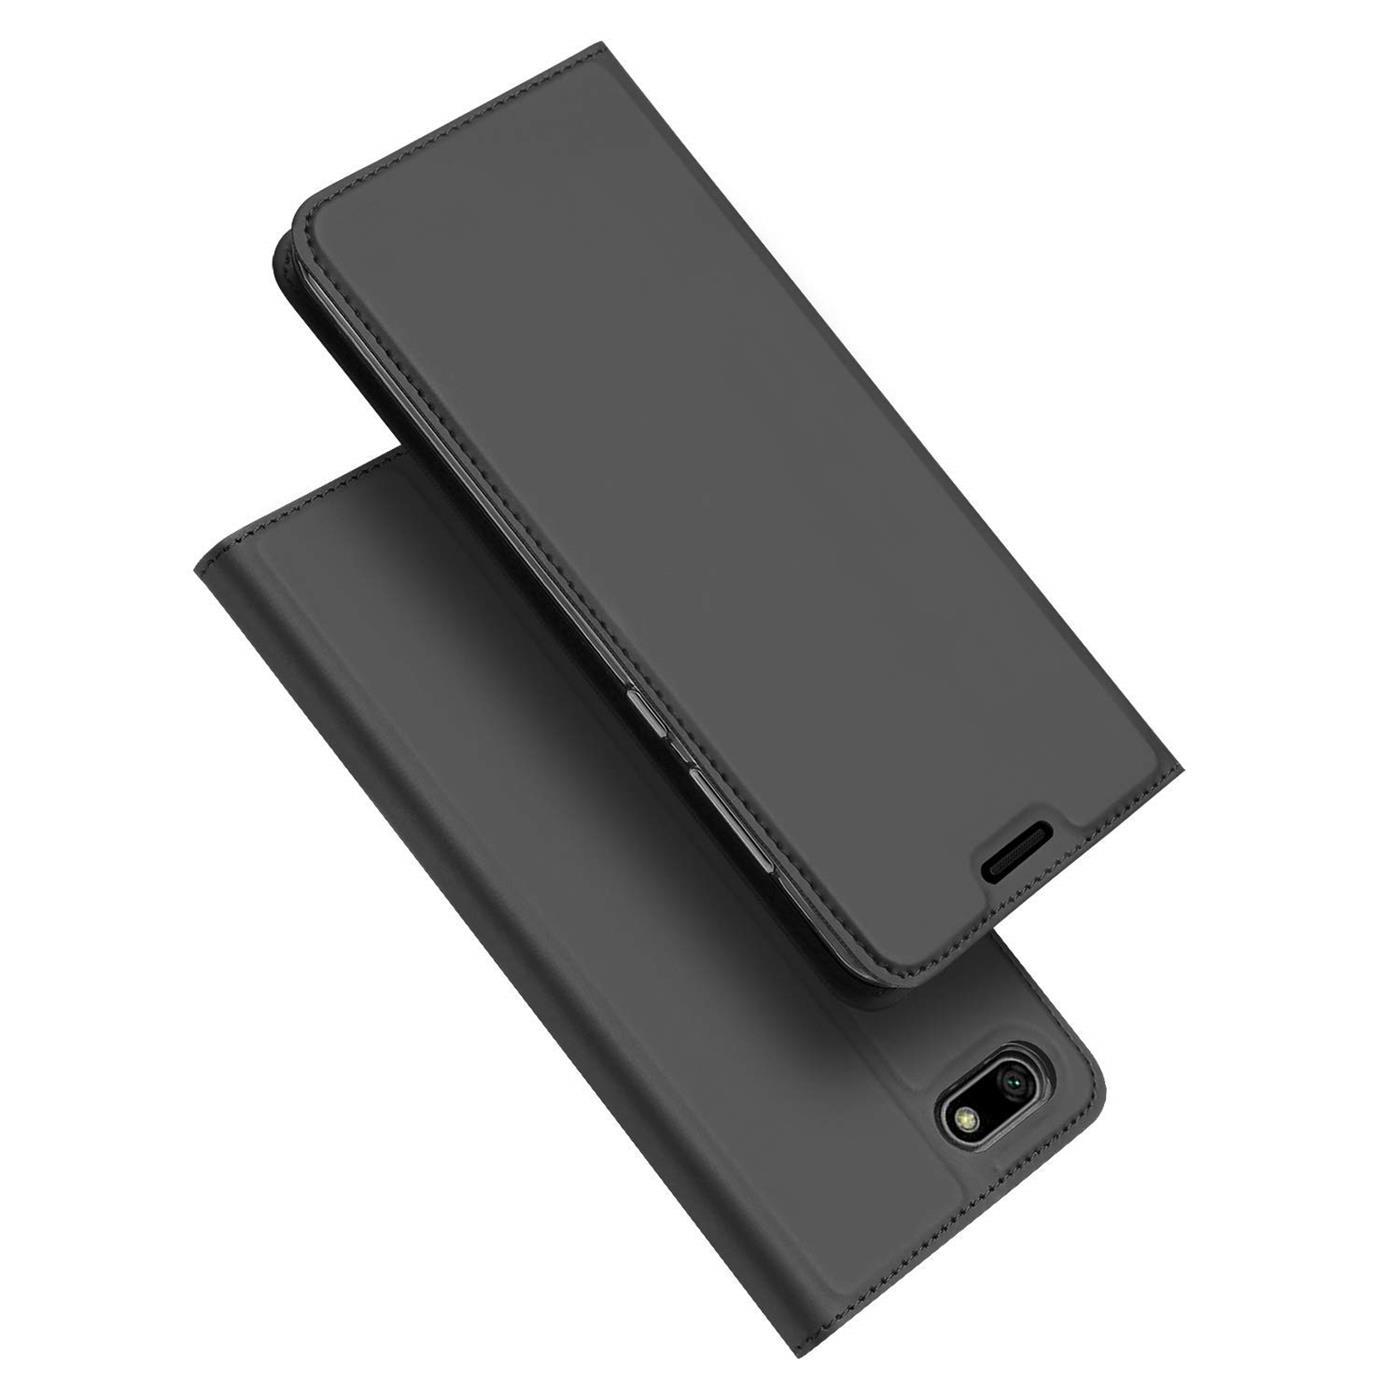 Handy-Huelle-Huawei-Y5-2018-Book-Case-Schutzhuelle-Tasche-Slim-Flip-Cover-Etui Indexbild 9